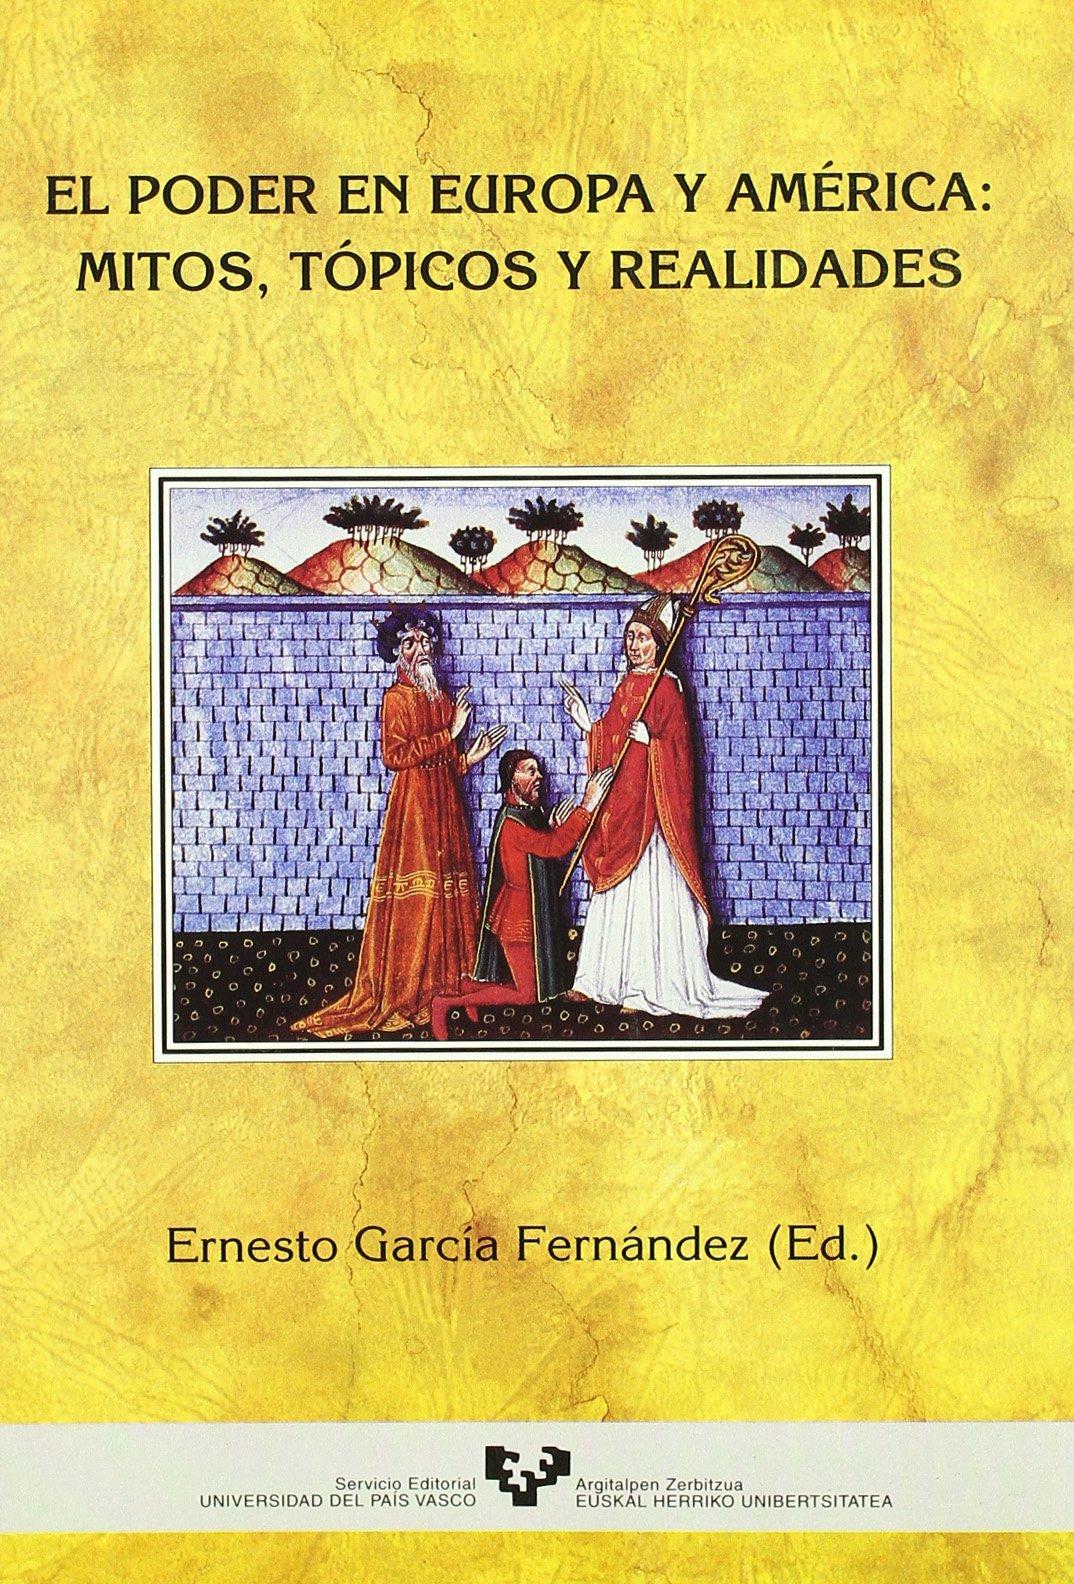 El poder en Europa y América: mitos, tópicos y realidades Historia Medieval y Moderna: Amazon.es: García Fernández, Ernesto: Libros